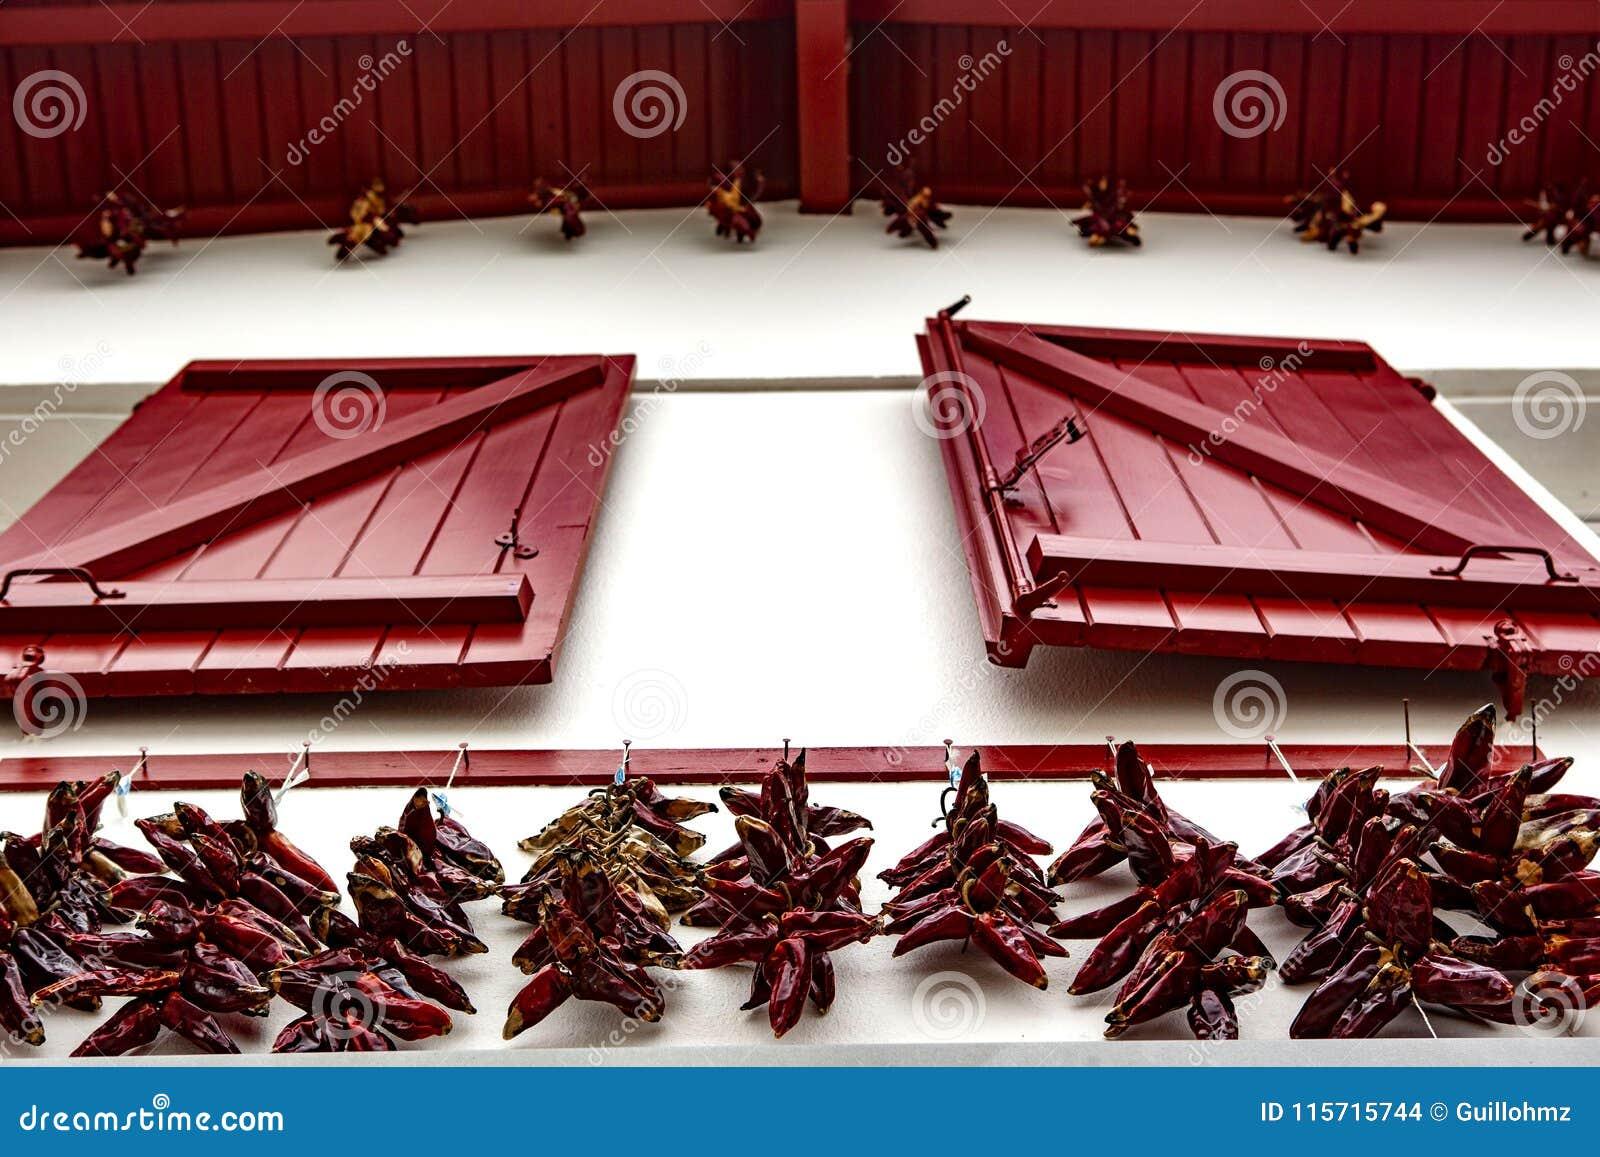 Janela vermelha e pimentão vermelho - Espelette